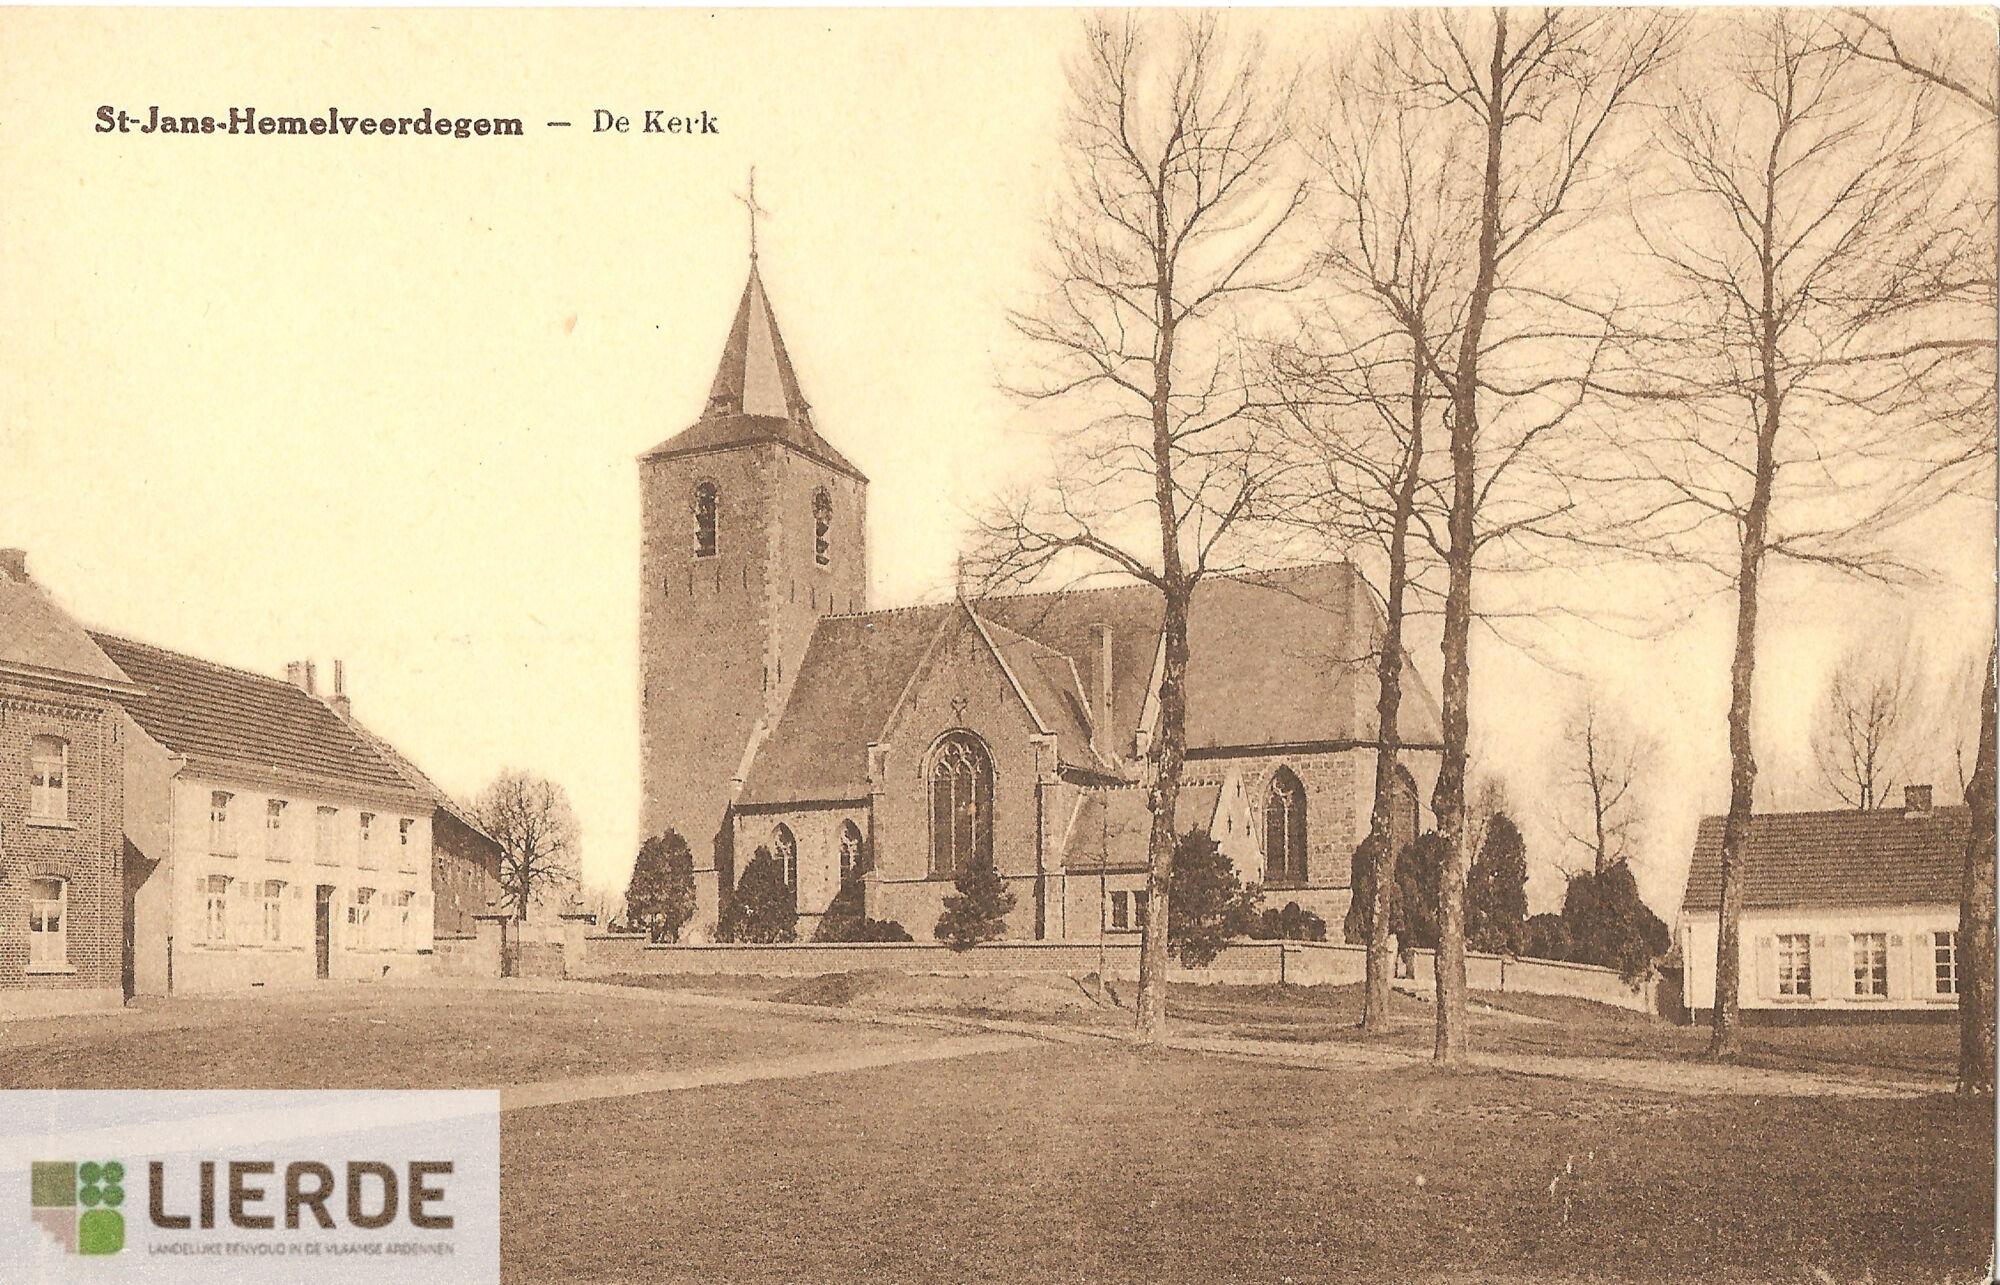 Kerk en kerkplein Hemelveerdegem